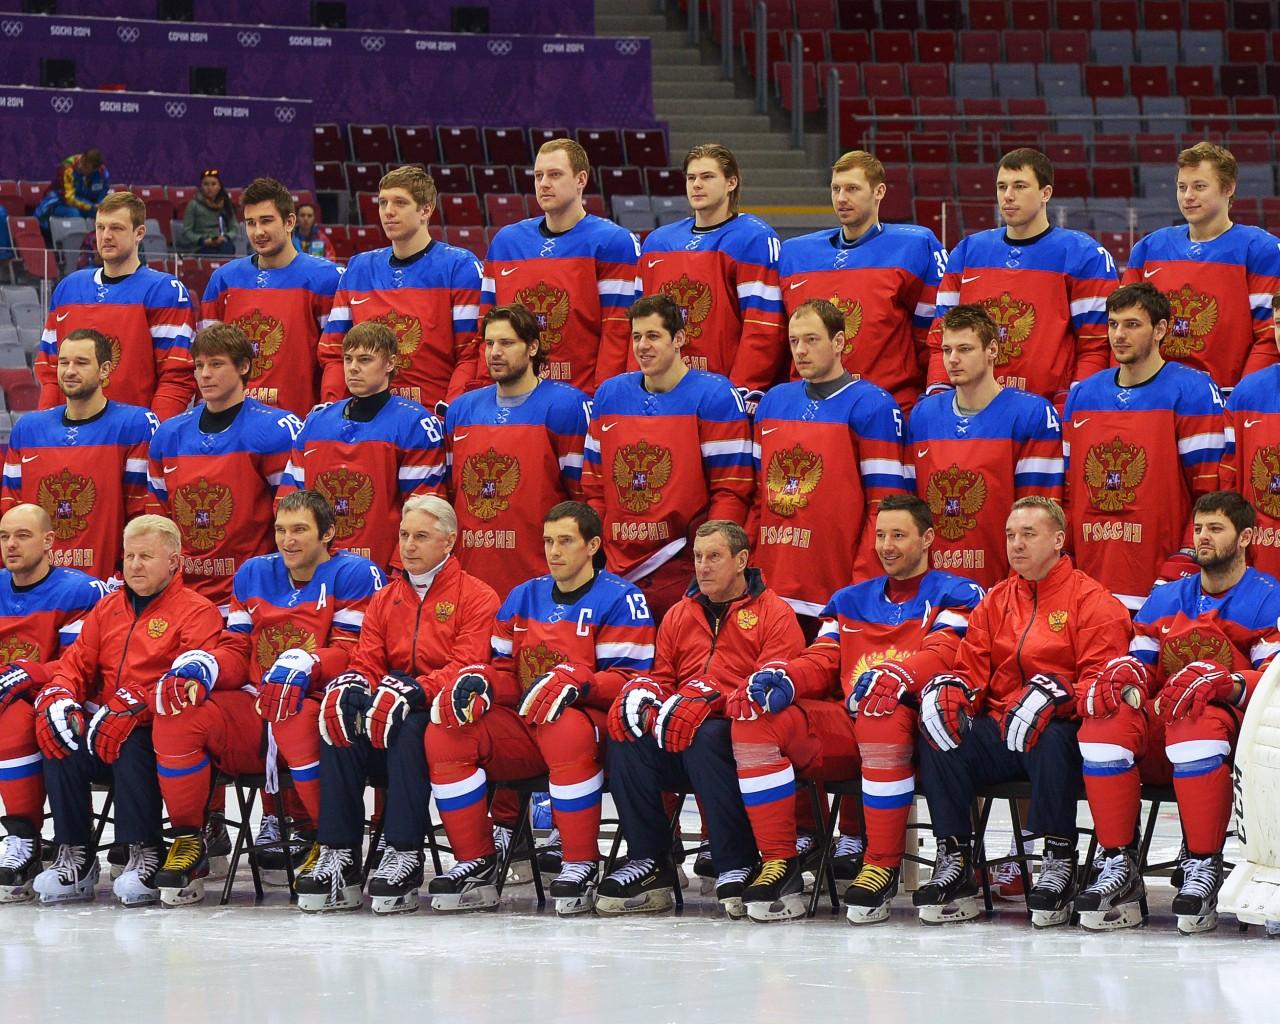 Сборная россии по хоккею обои не рабочий стол 6